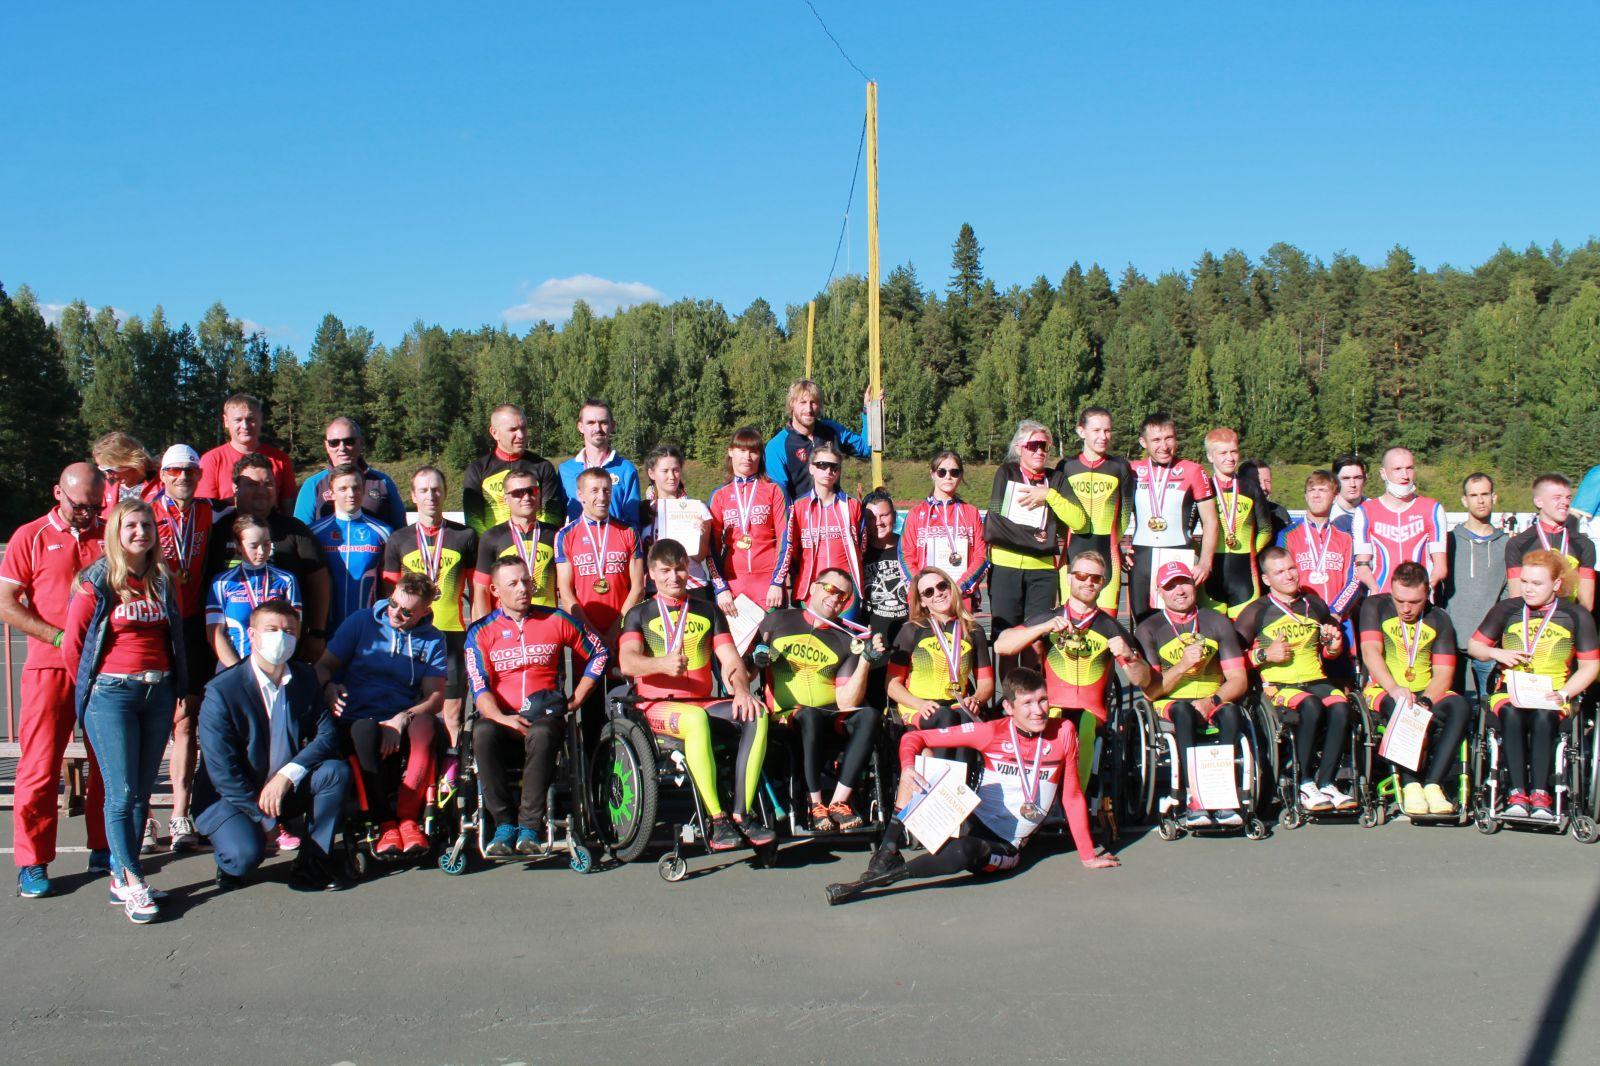 6 спортсменов стали абсолютными победителями личных соревнований чемпионата России по велоспорту на шоссе лиц с ПОДА